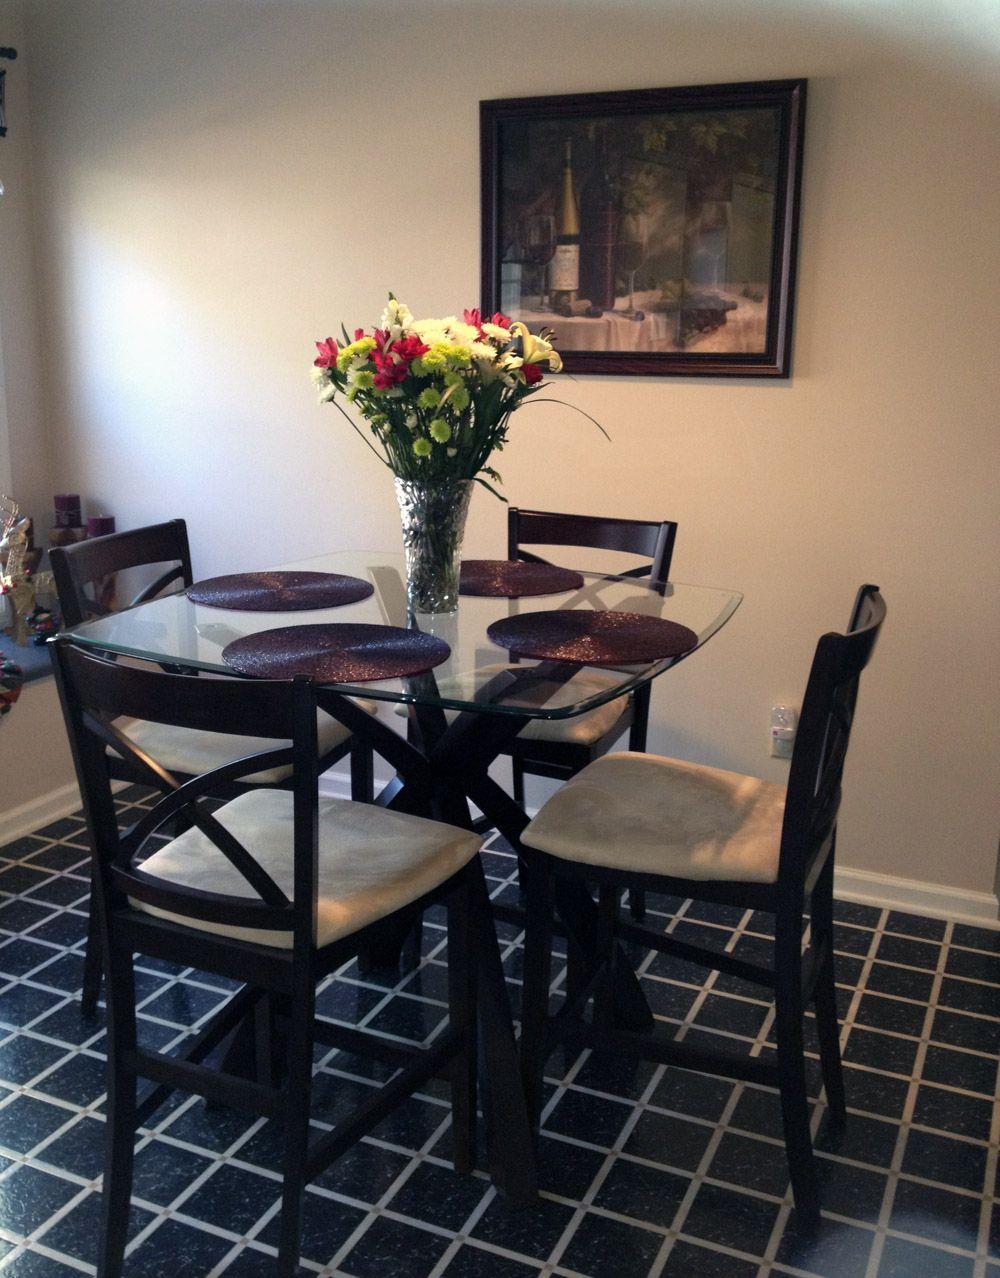 Small dining table hogar pinterest espacios for Comedores pequenos ikea